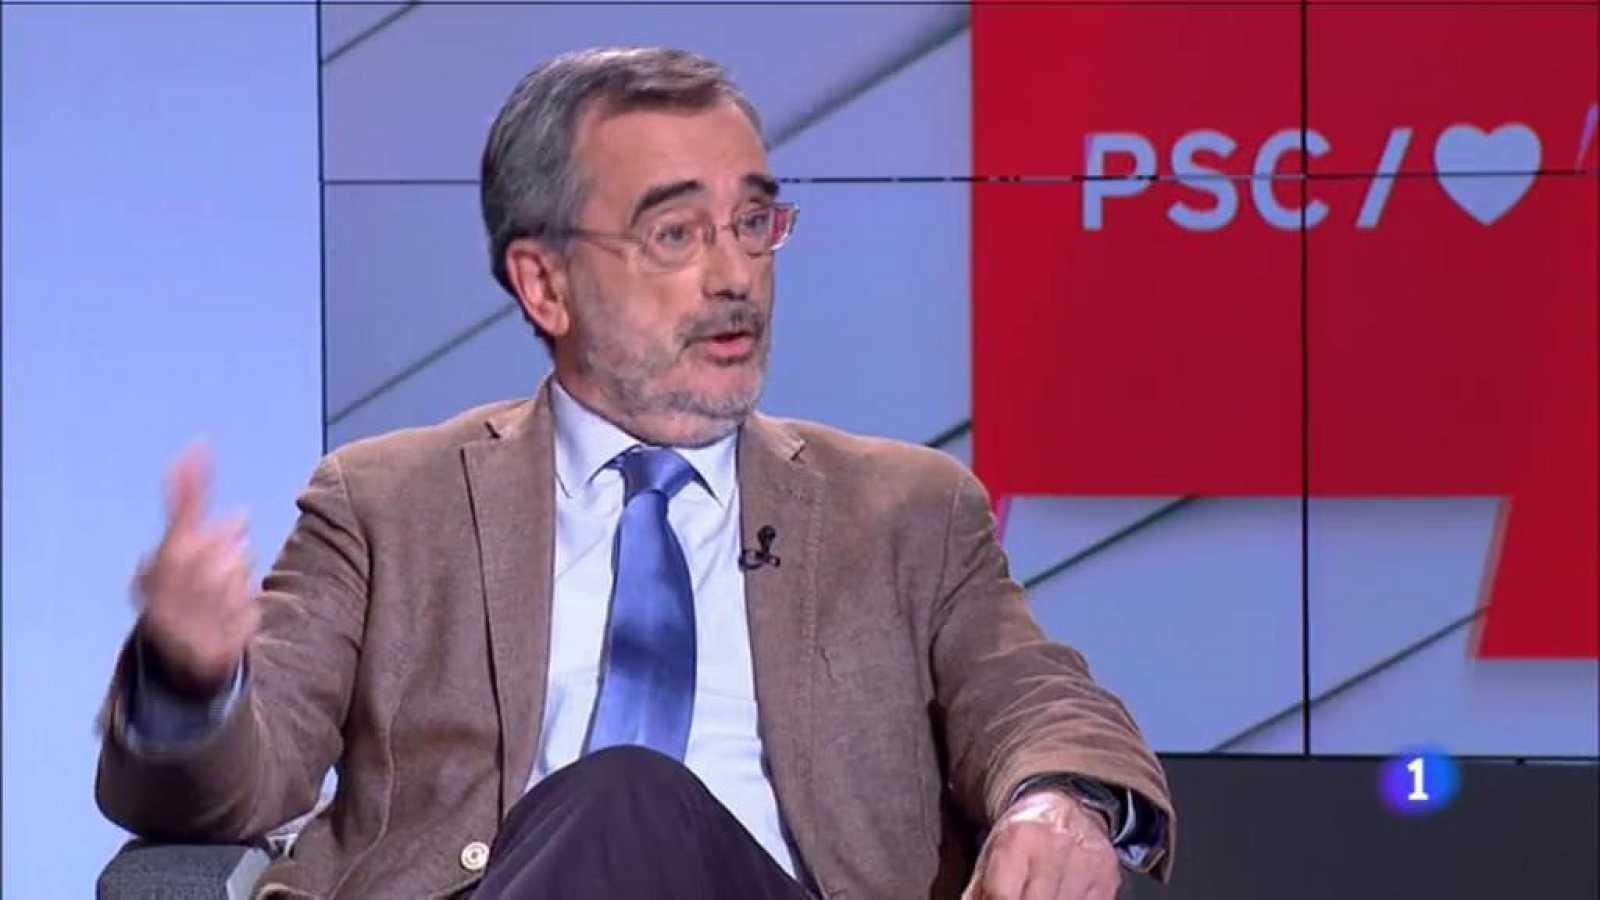 Entrevistes electorals - Manuel Cruz del PSC